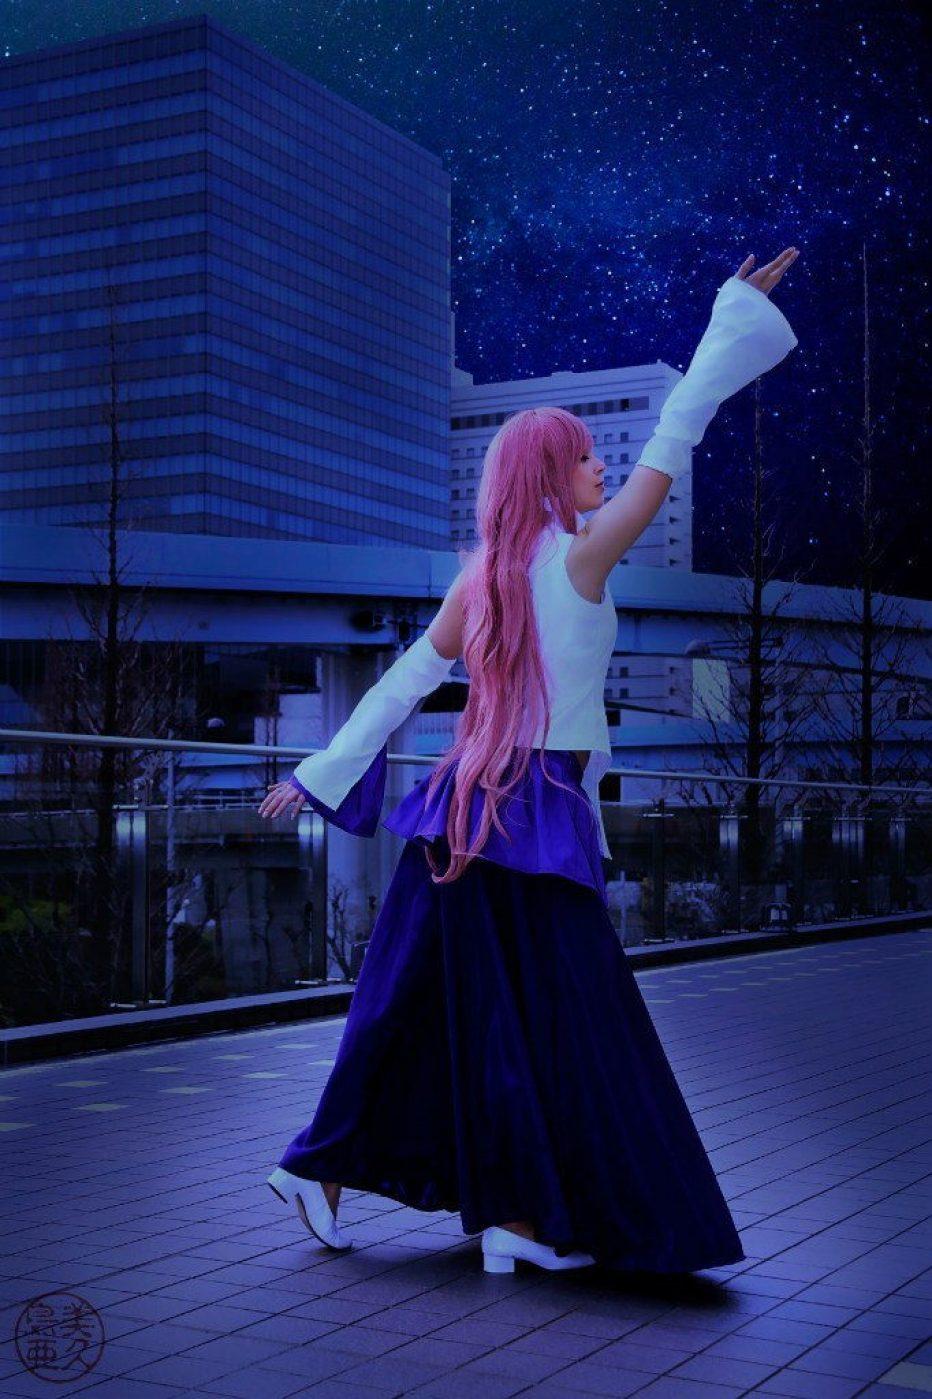 Gundam-SEED-Lacus-Clyne-Cosplay-Gamers-Heroes-8.jpg